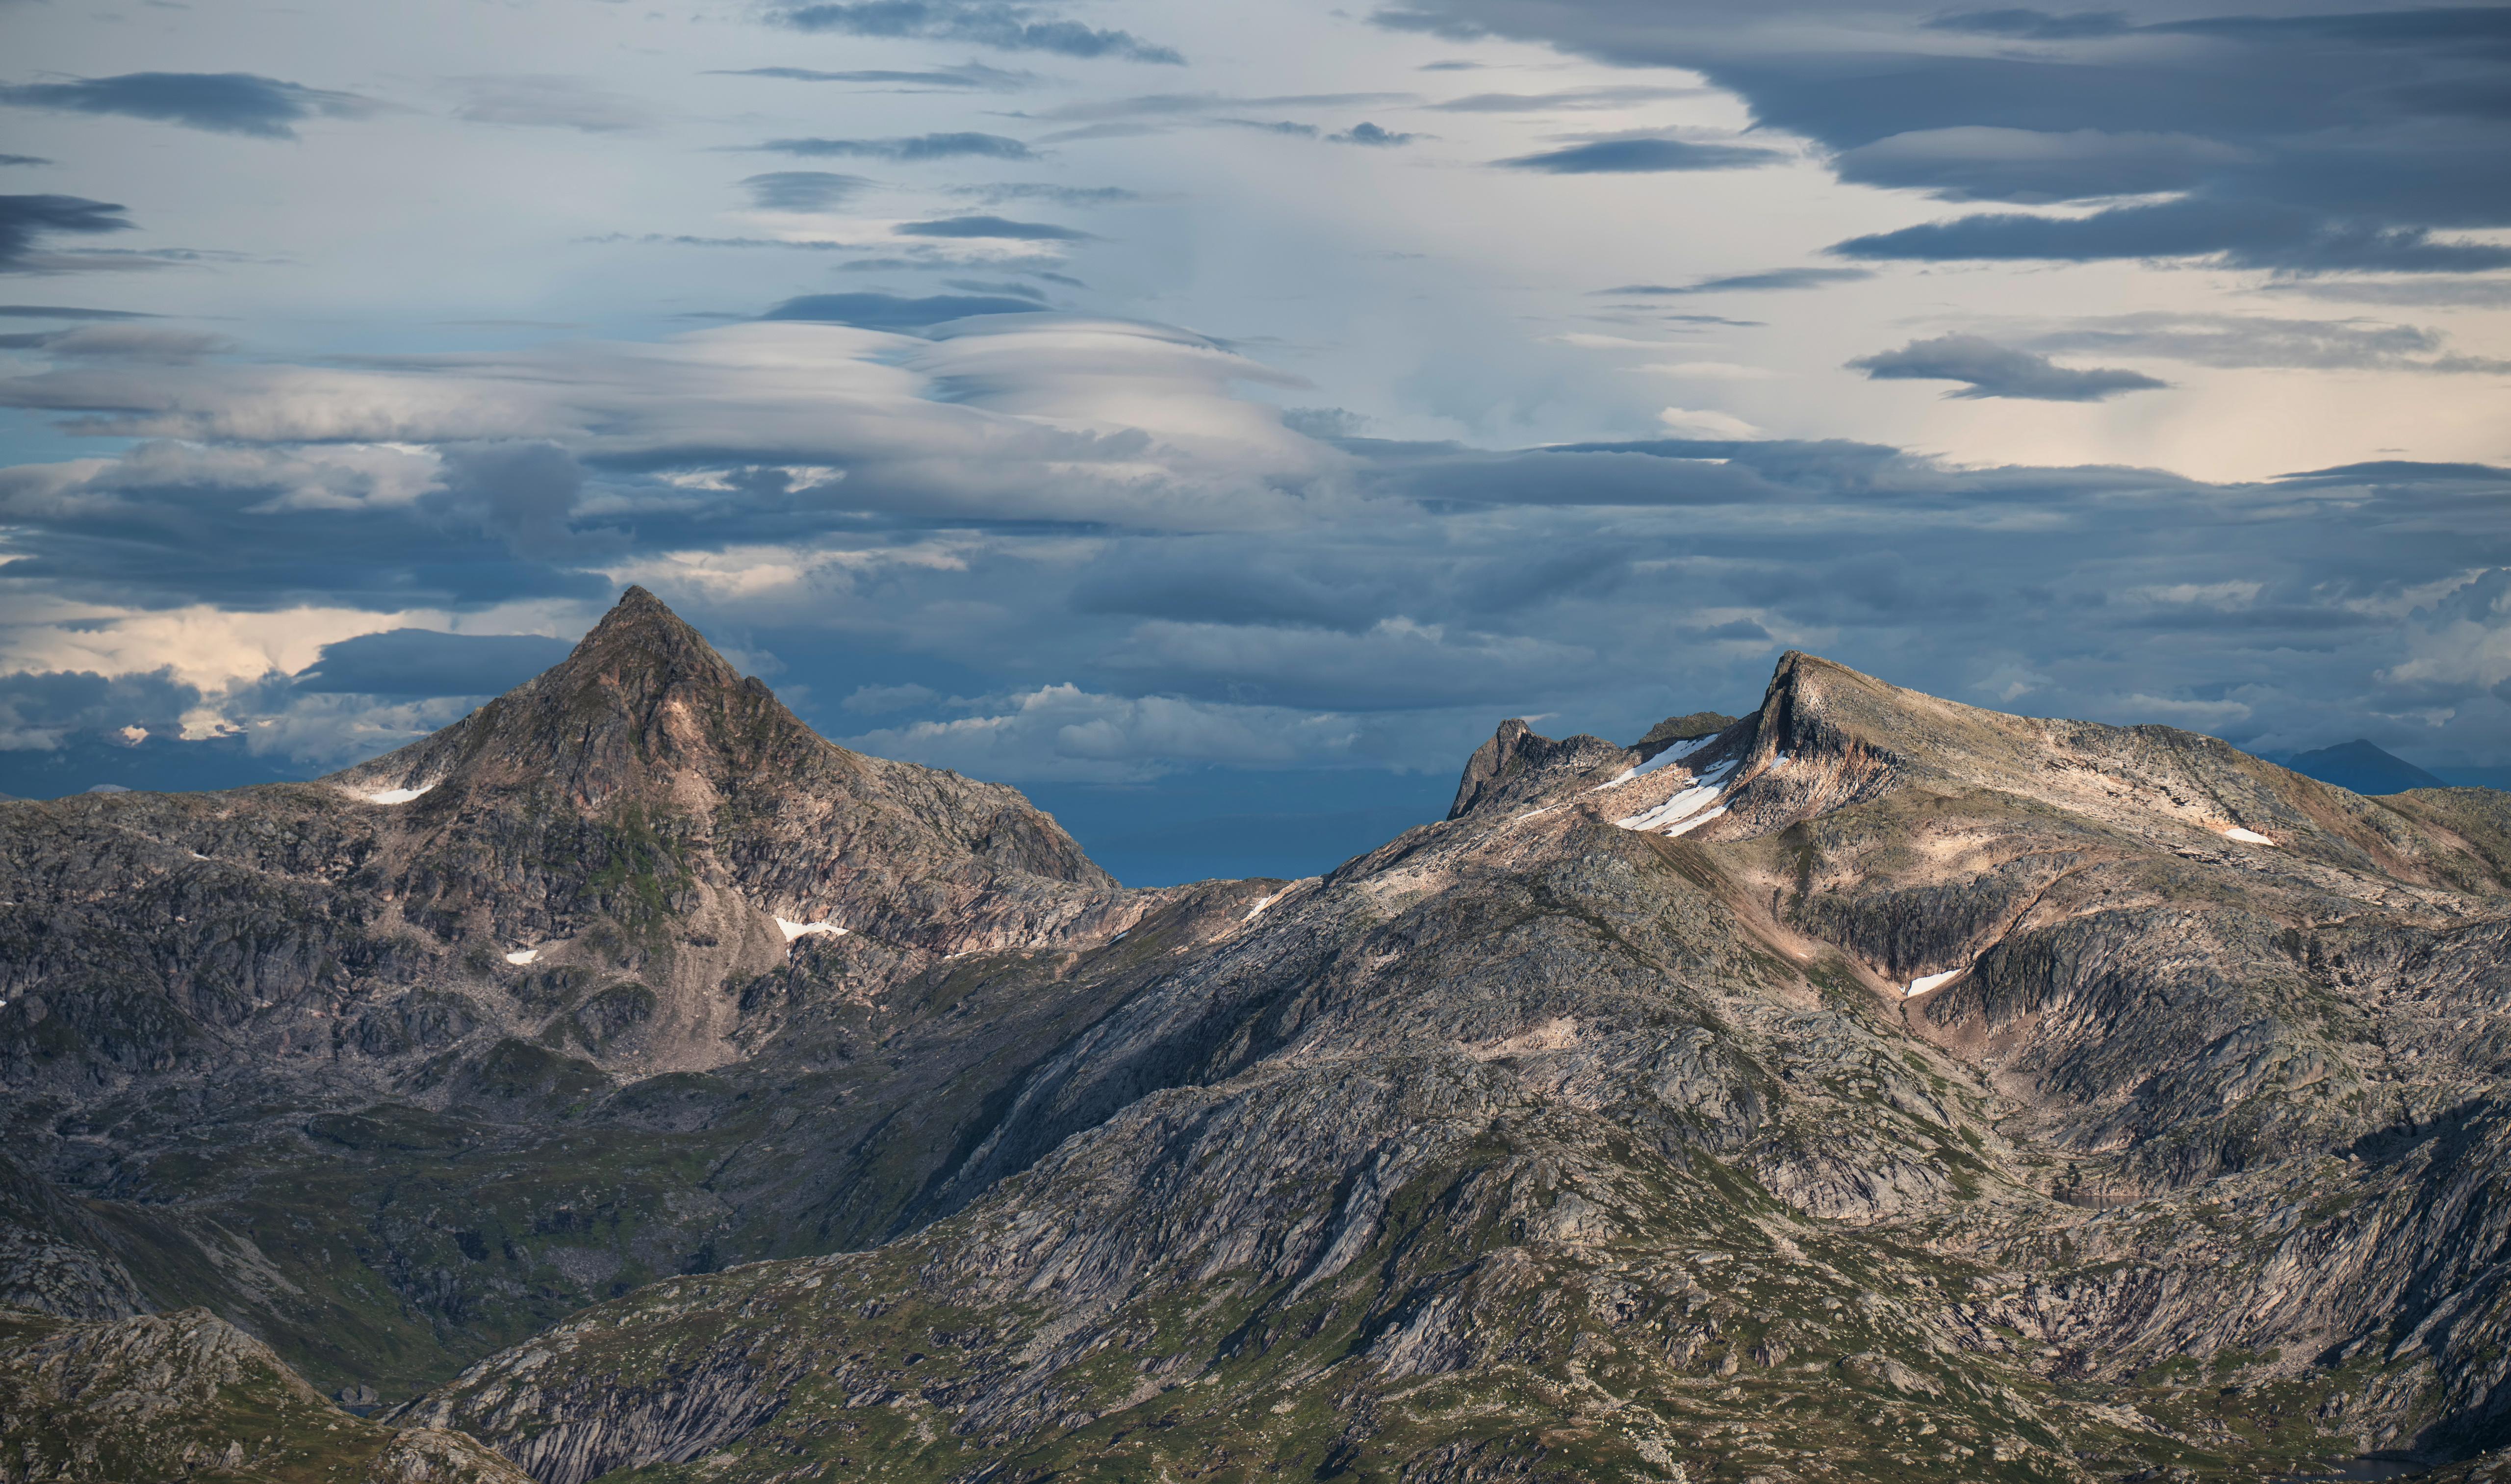 Foto Norwegen Bukketinden Natur Gebirge Wolke 5120x3026 Berg